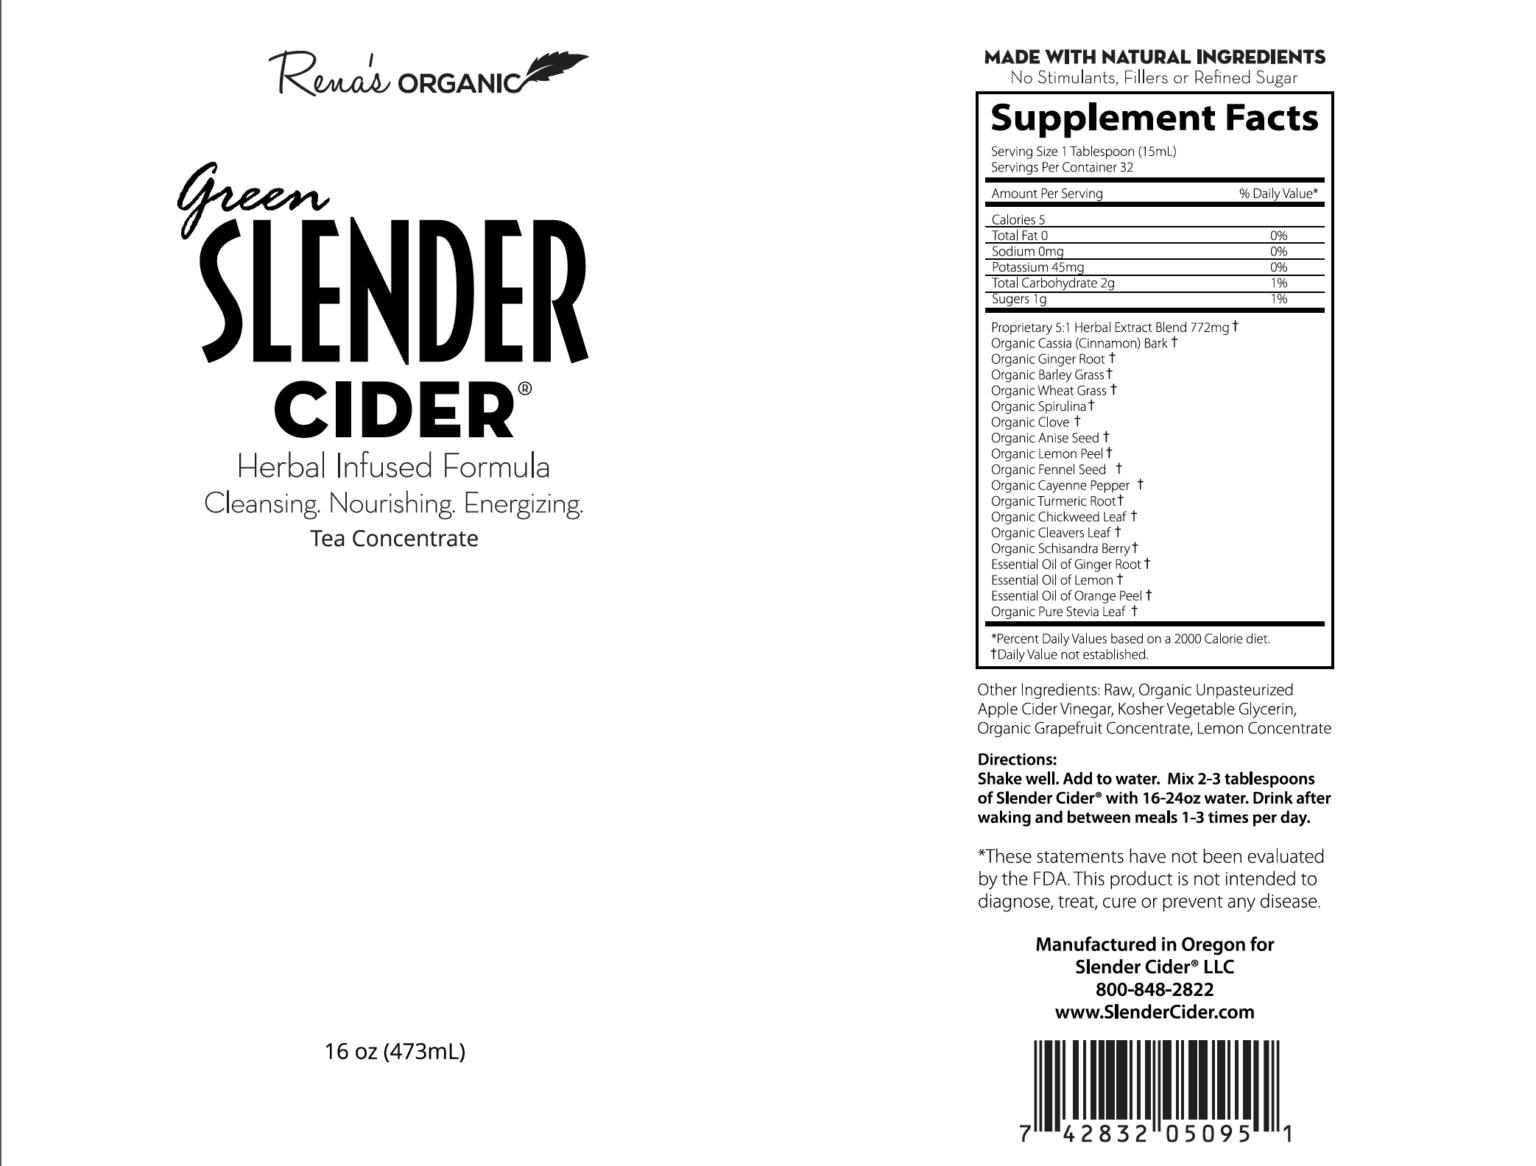 Green-Slender-Cider-16-oz.-label